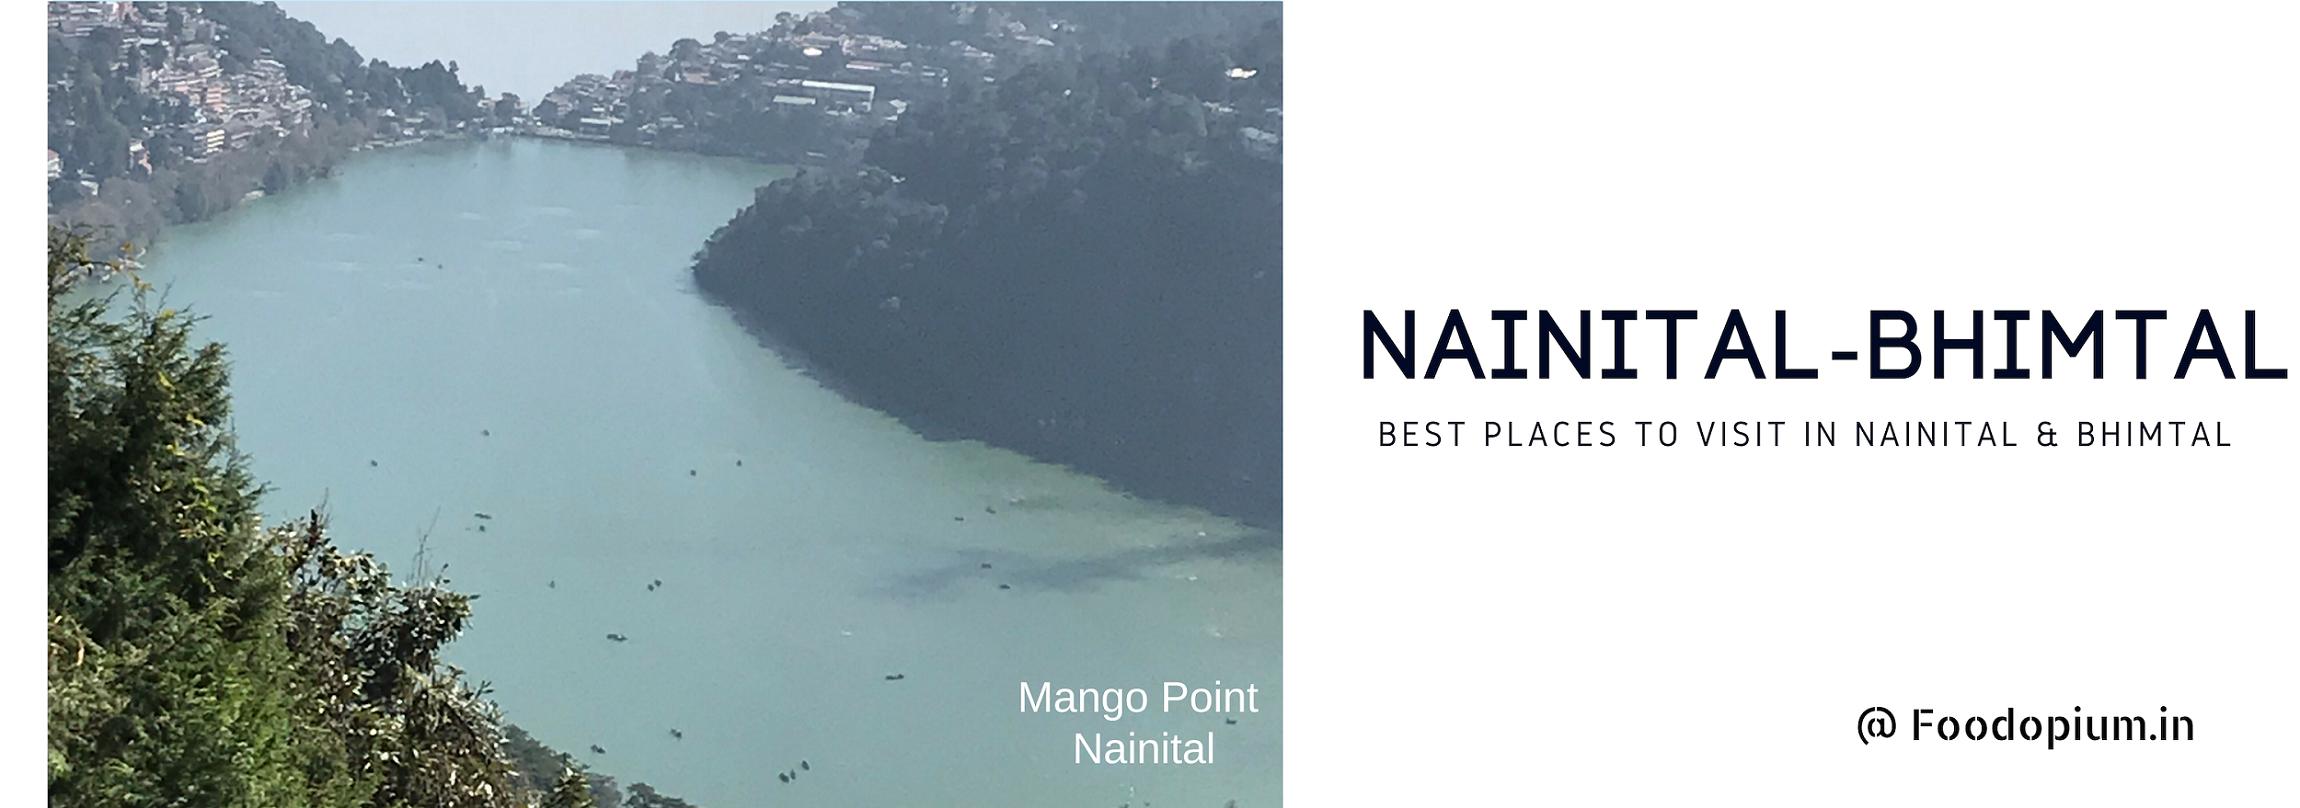 Nainital-Bhimtal Banner